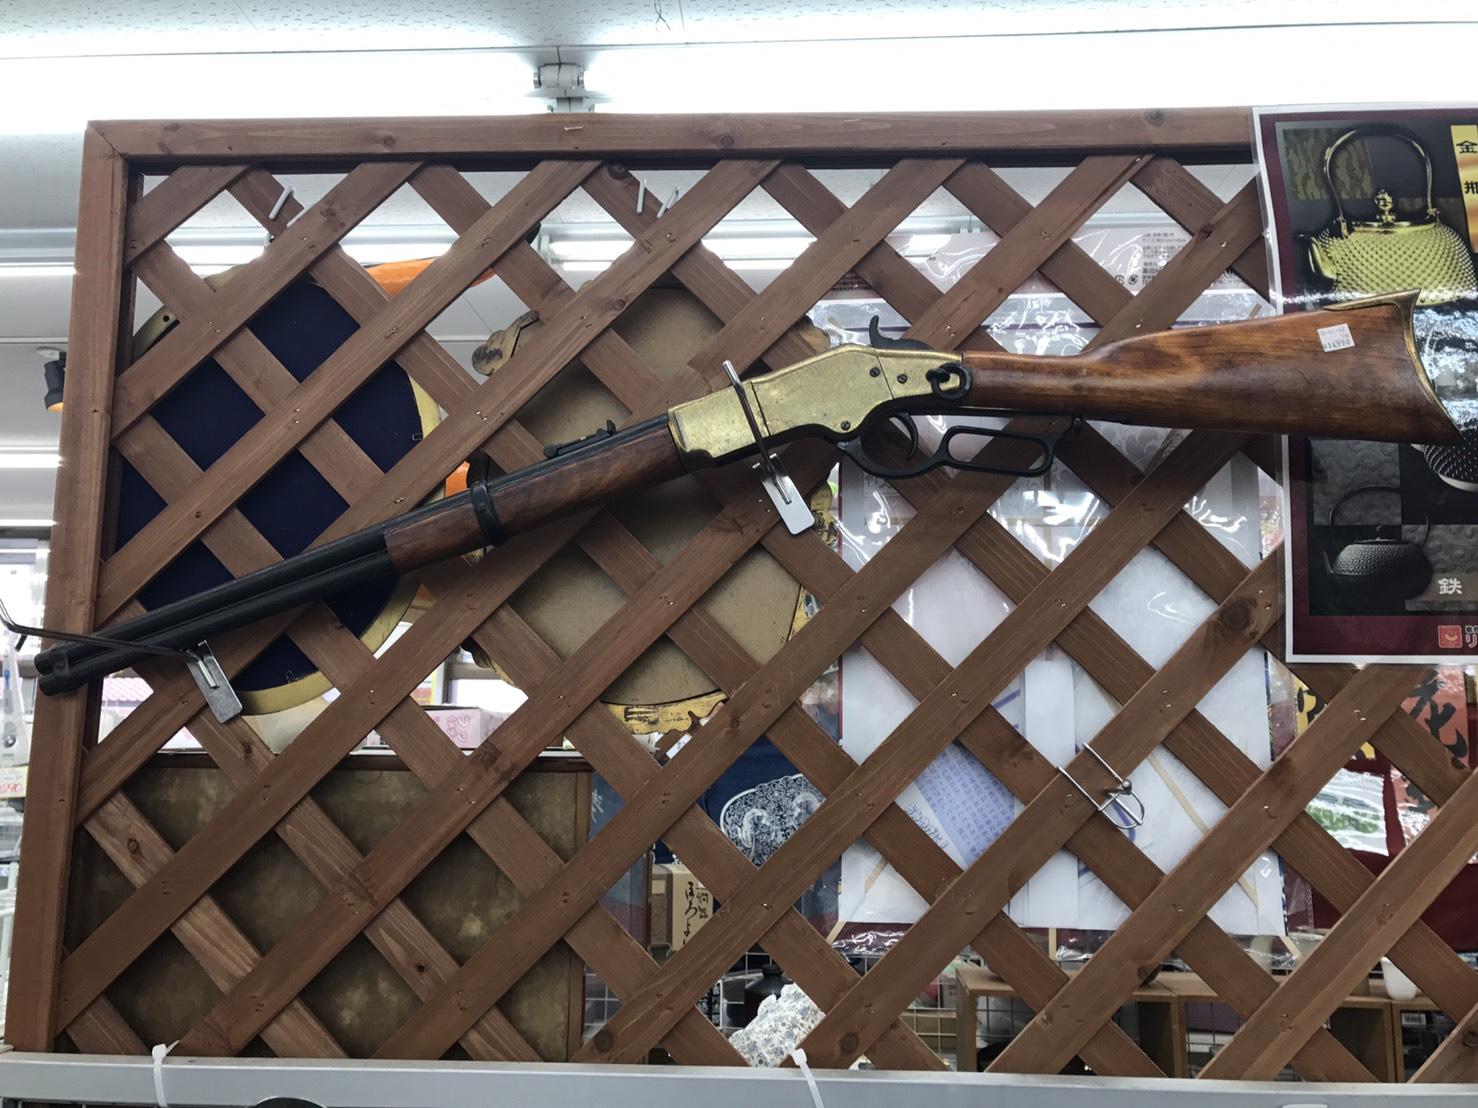 【 ウィンチェスター /  装飾銃 / レプリカ】買取させて頂きました!!の買取-